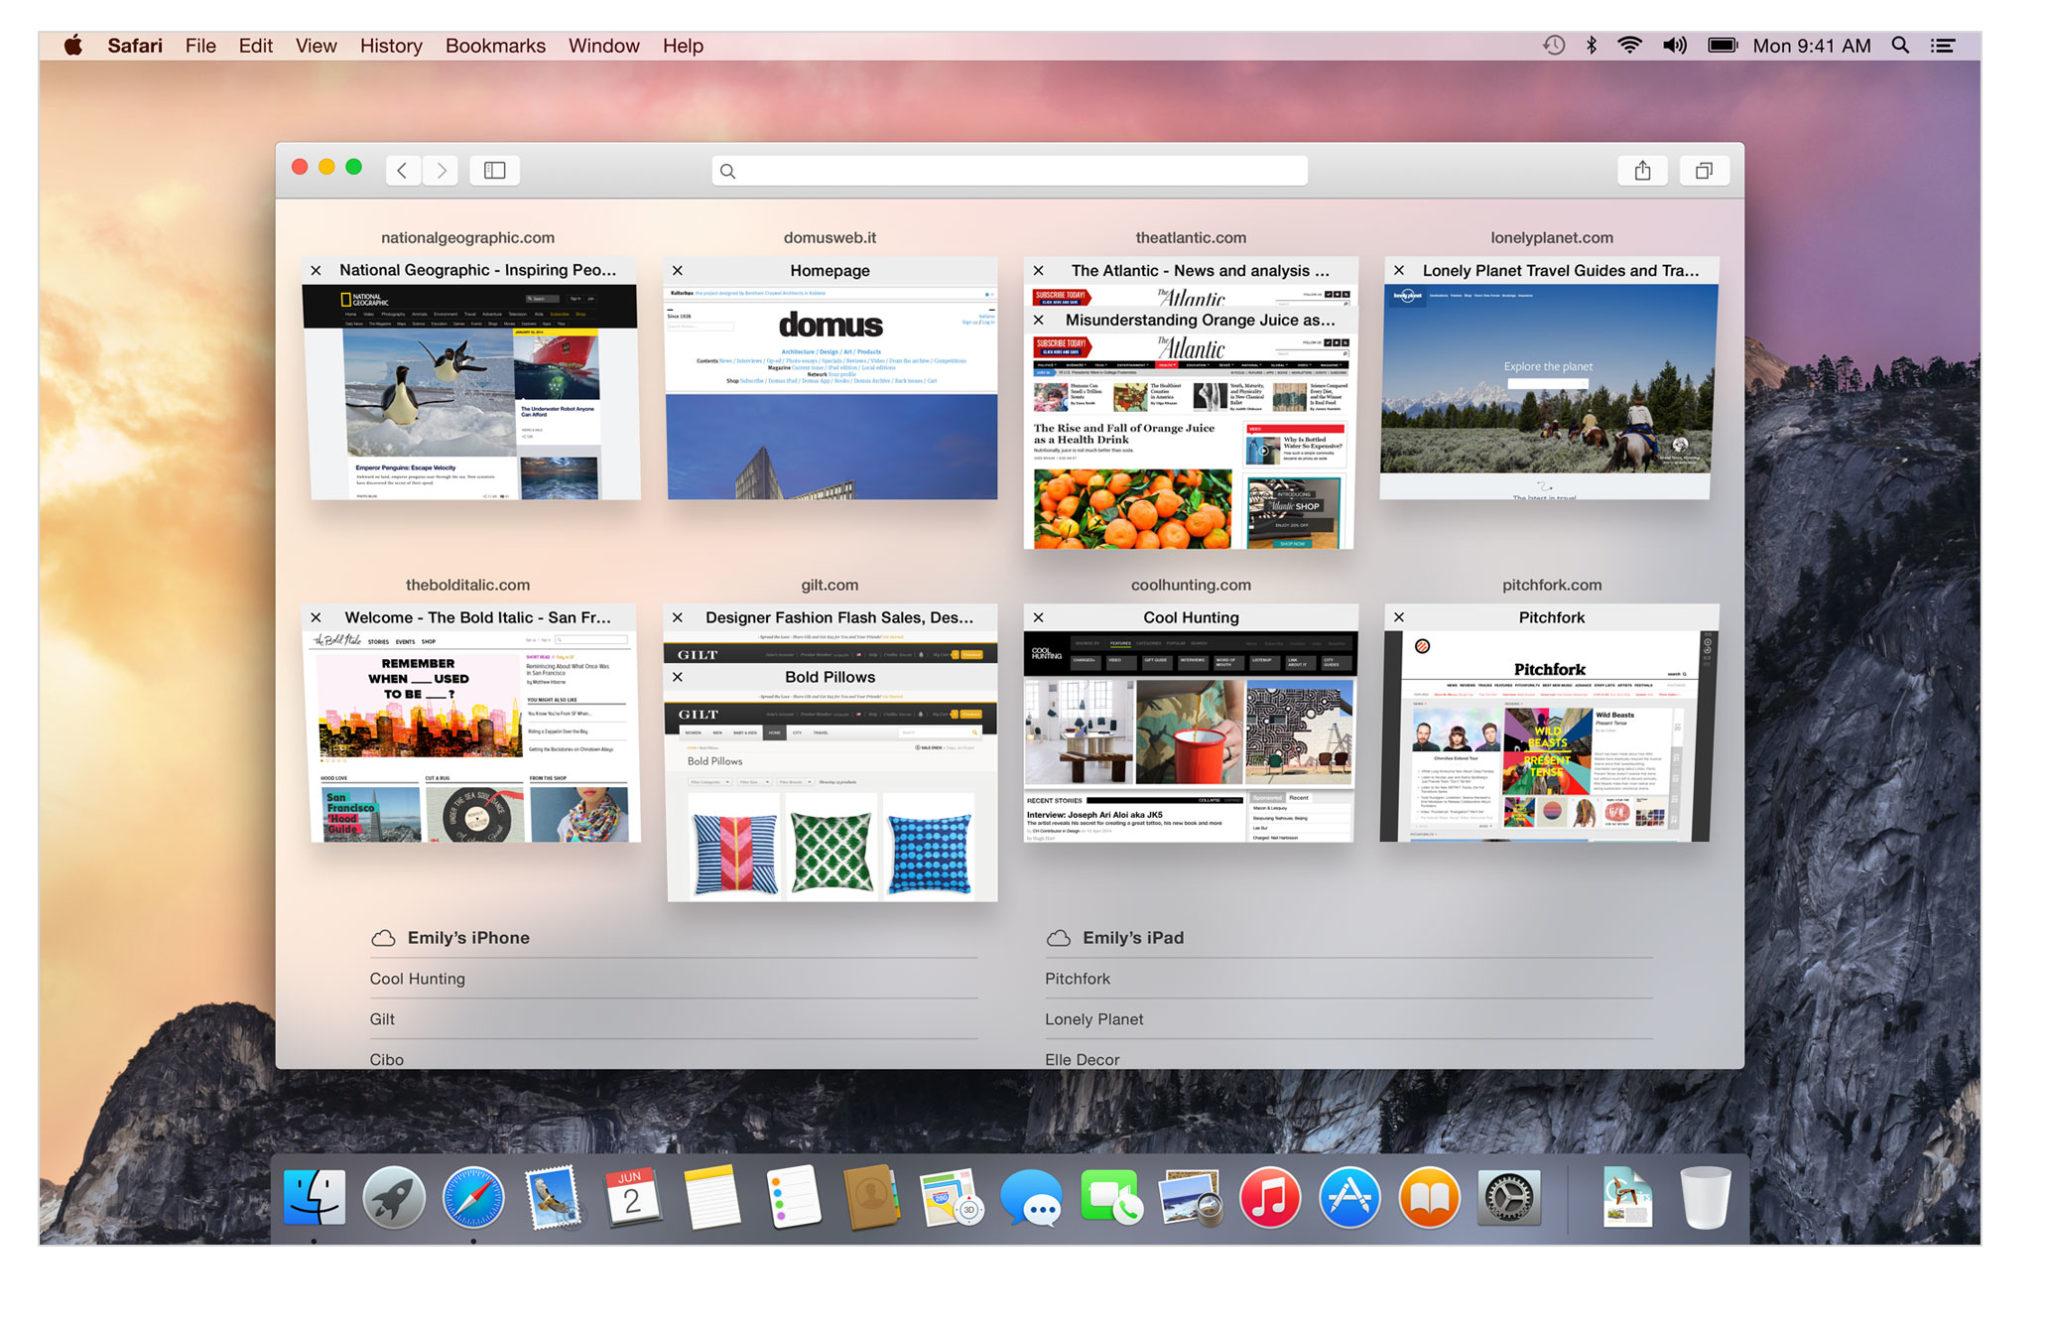 Информация об уязвимостях системы безопасности, устраняемых в браузере Safari 10.1